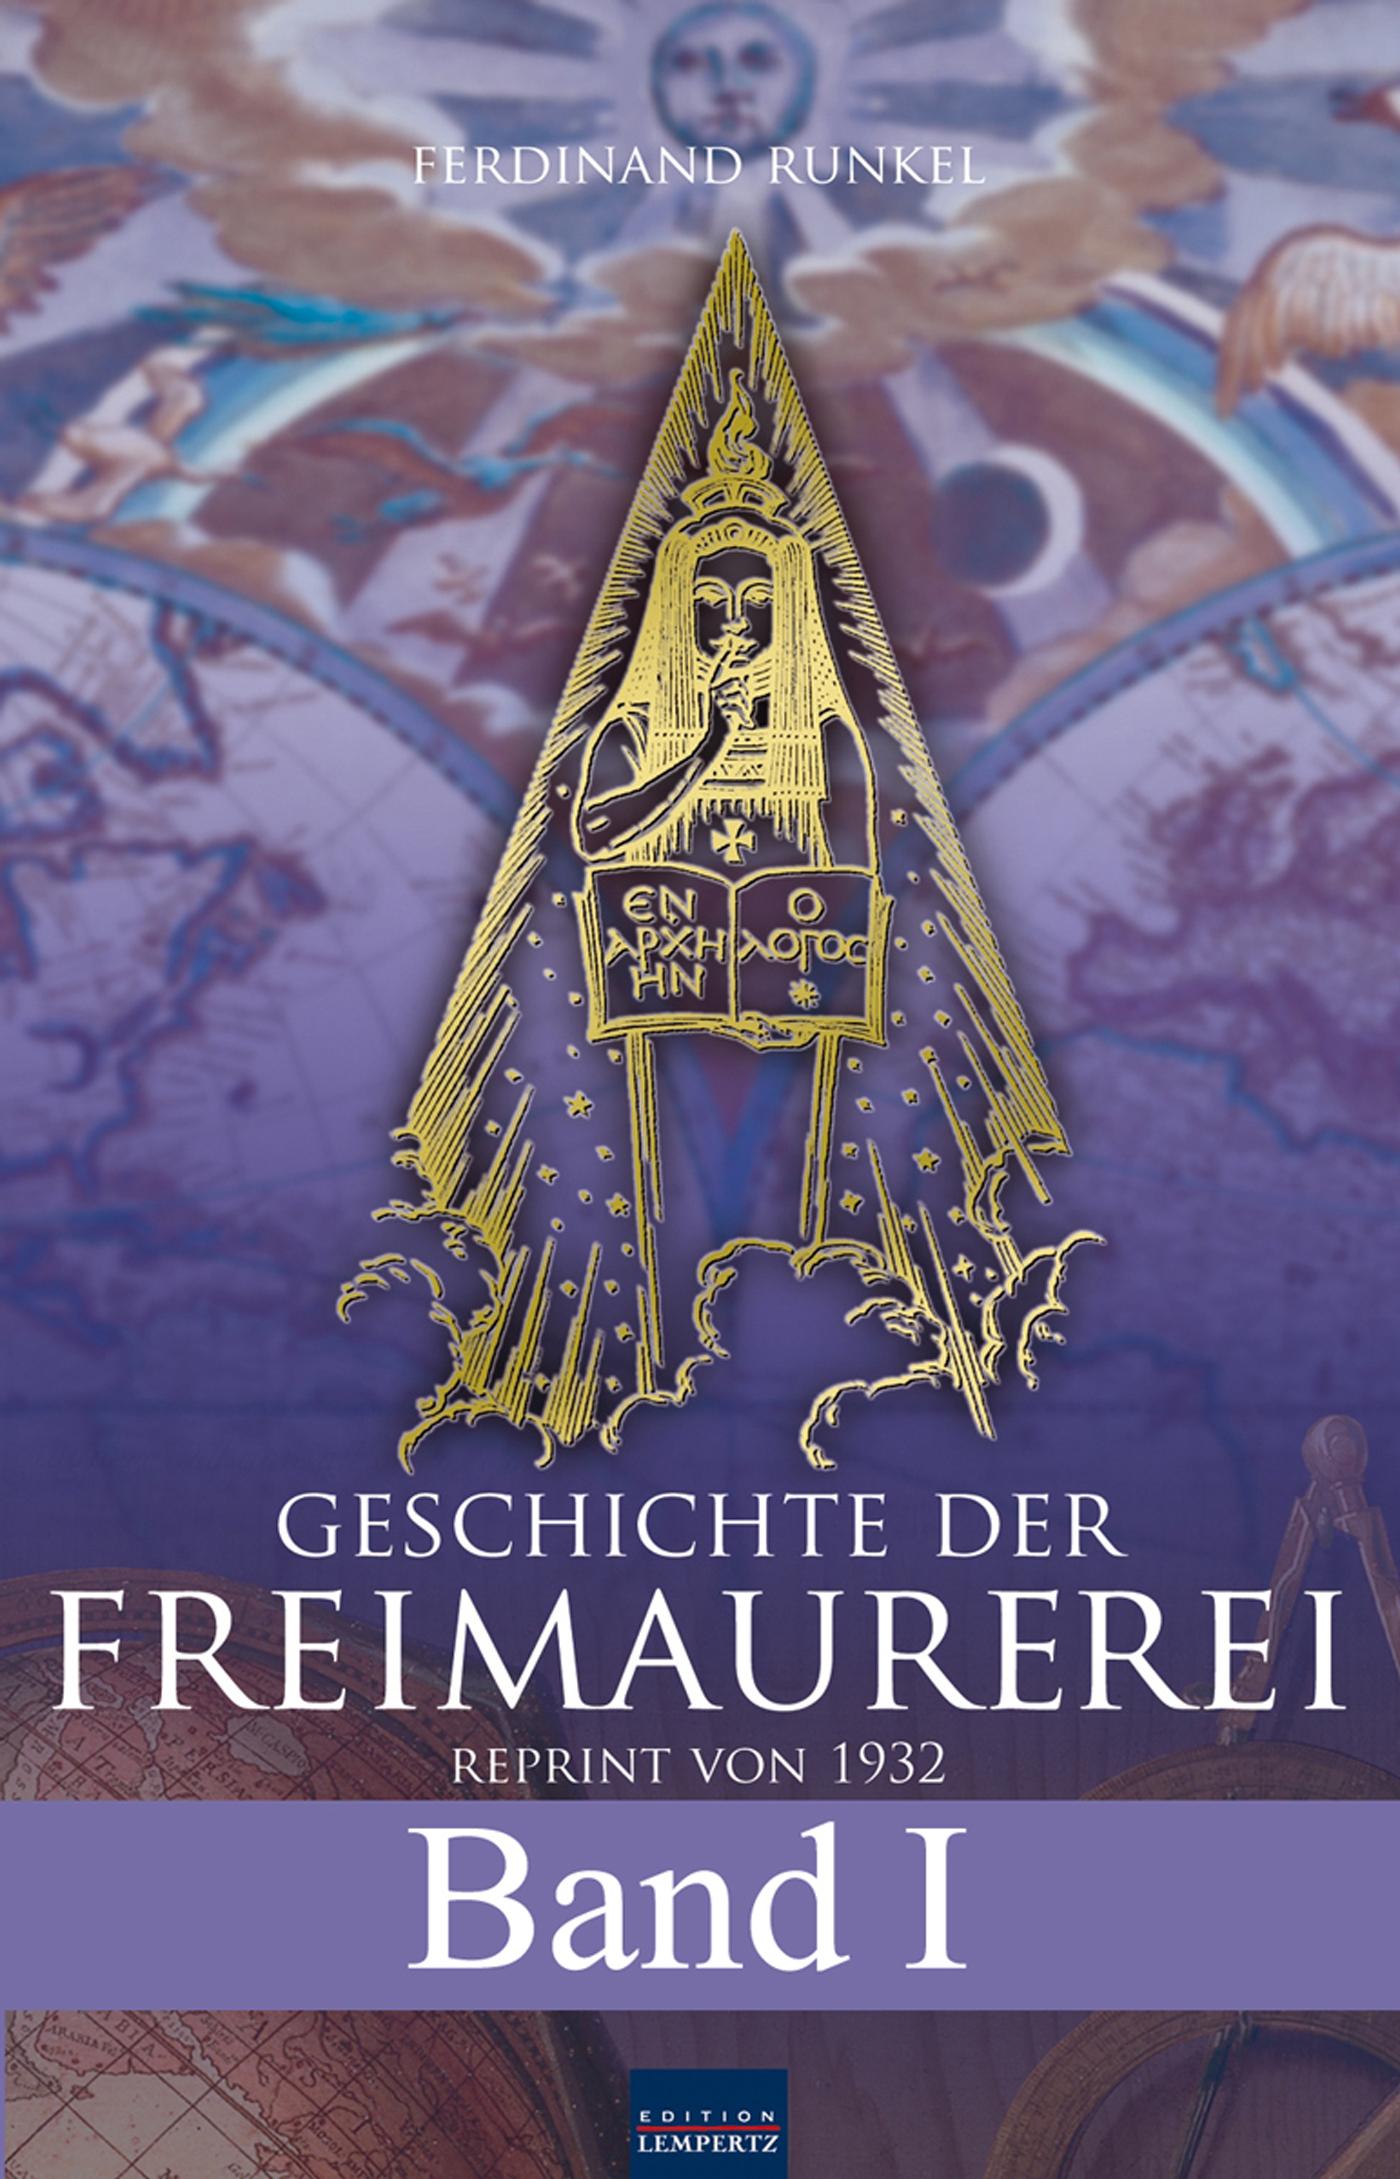 Ferdinand Runkel Geschichte der Freimaurerei - Band I